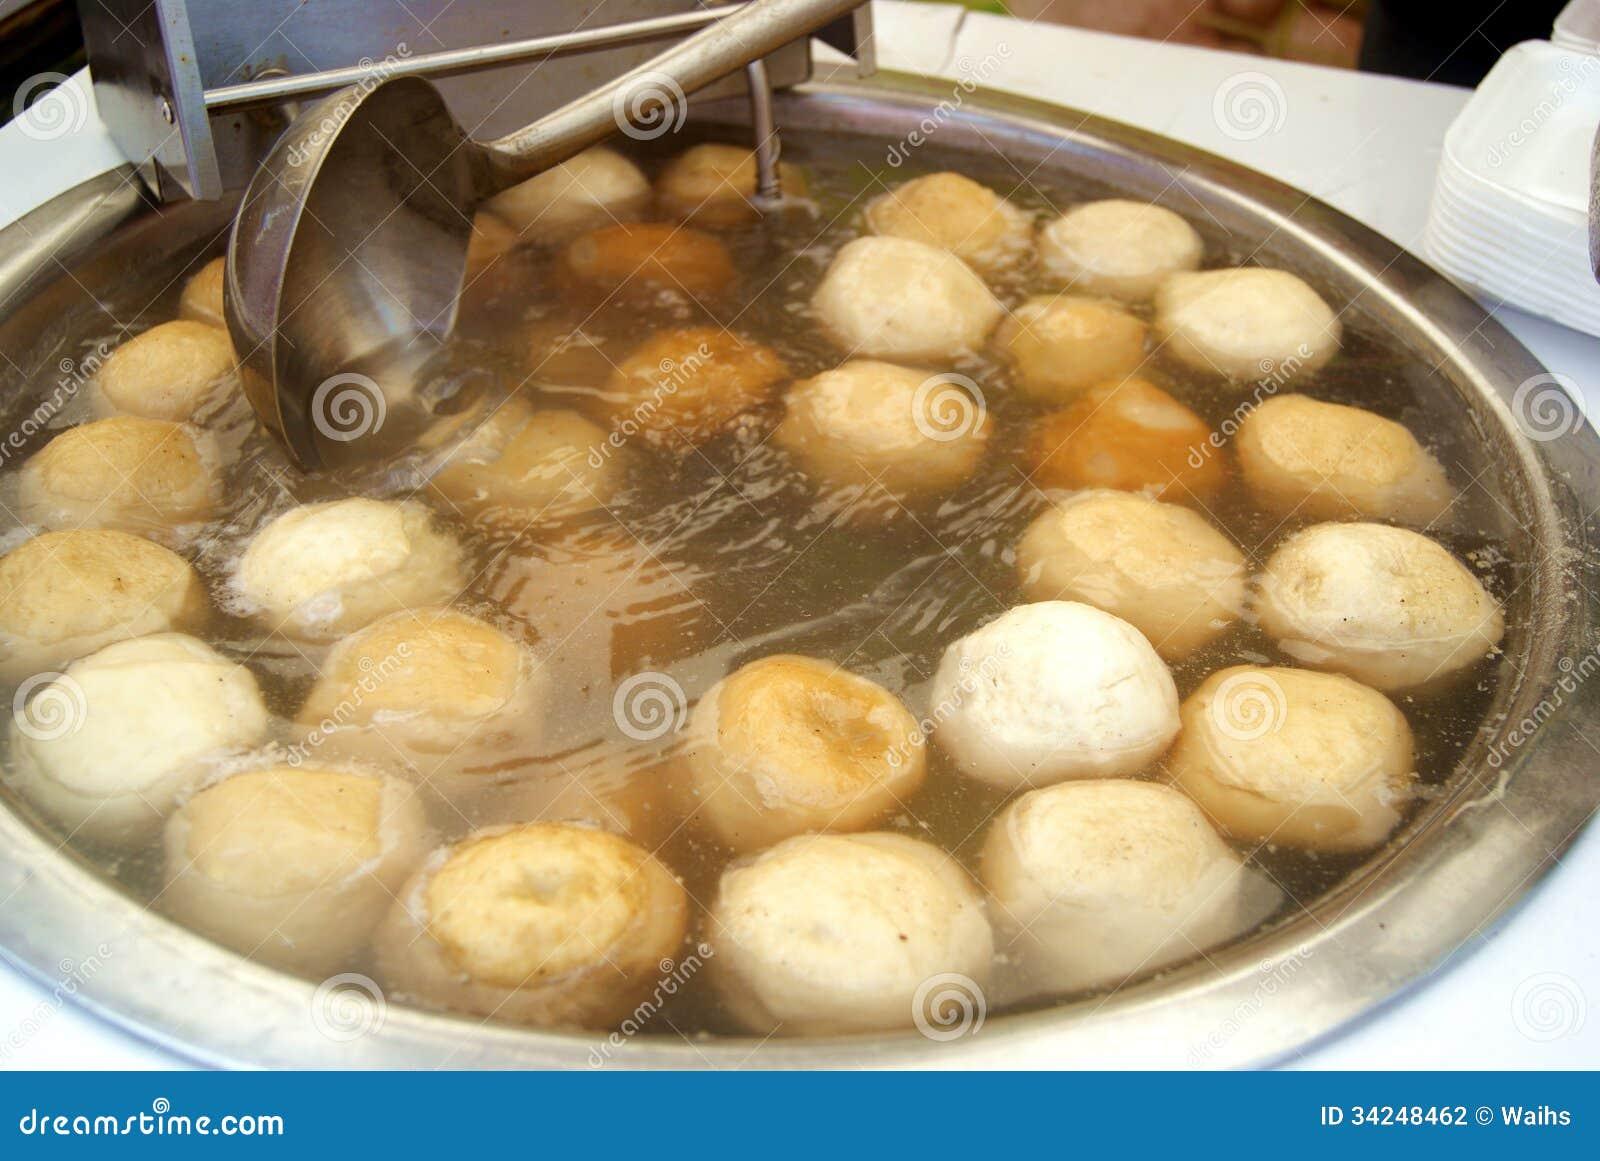 Nourriture chinoise boules de poissons photographie for Nourriture de poisson